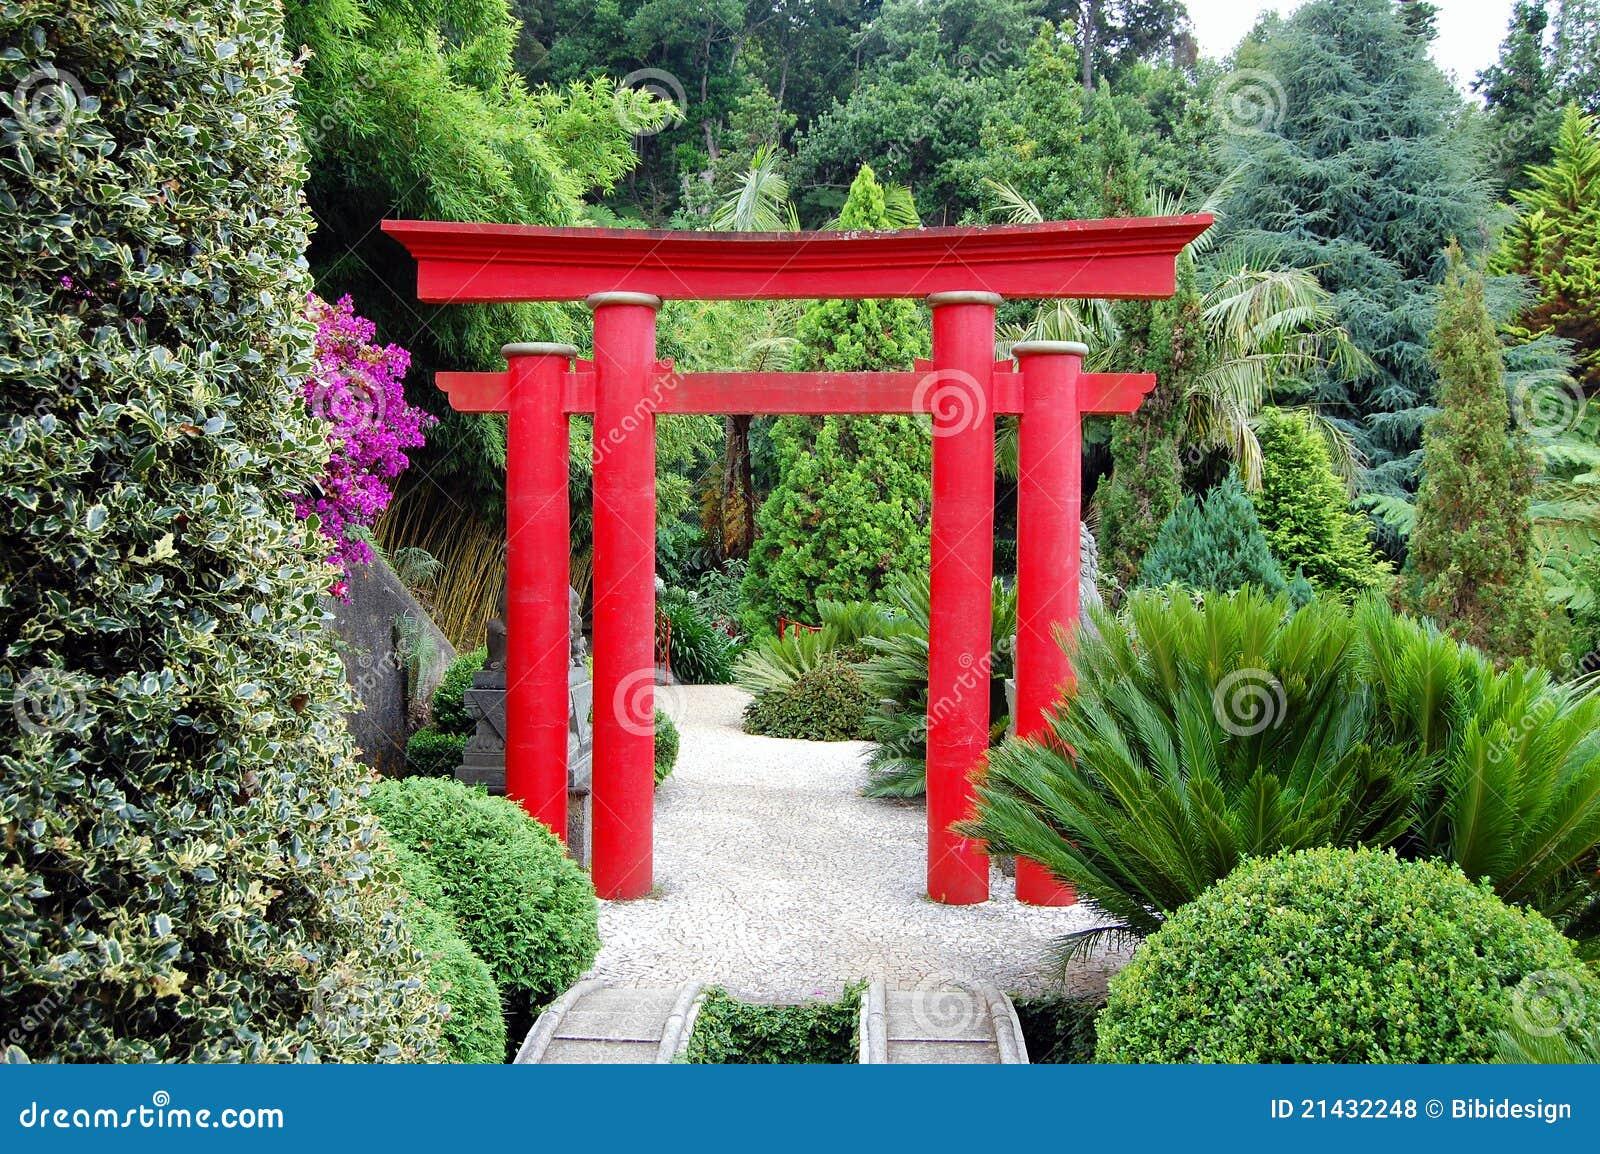 Asiatischer Garten Deko ~ Möbel Ideen & Innenarchitektur